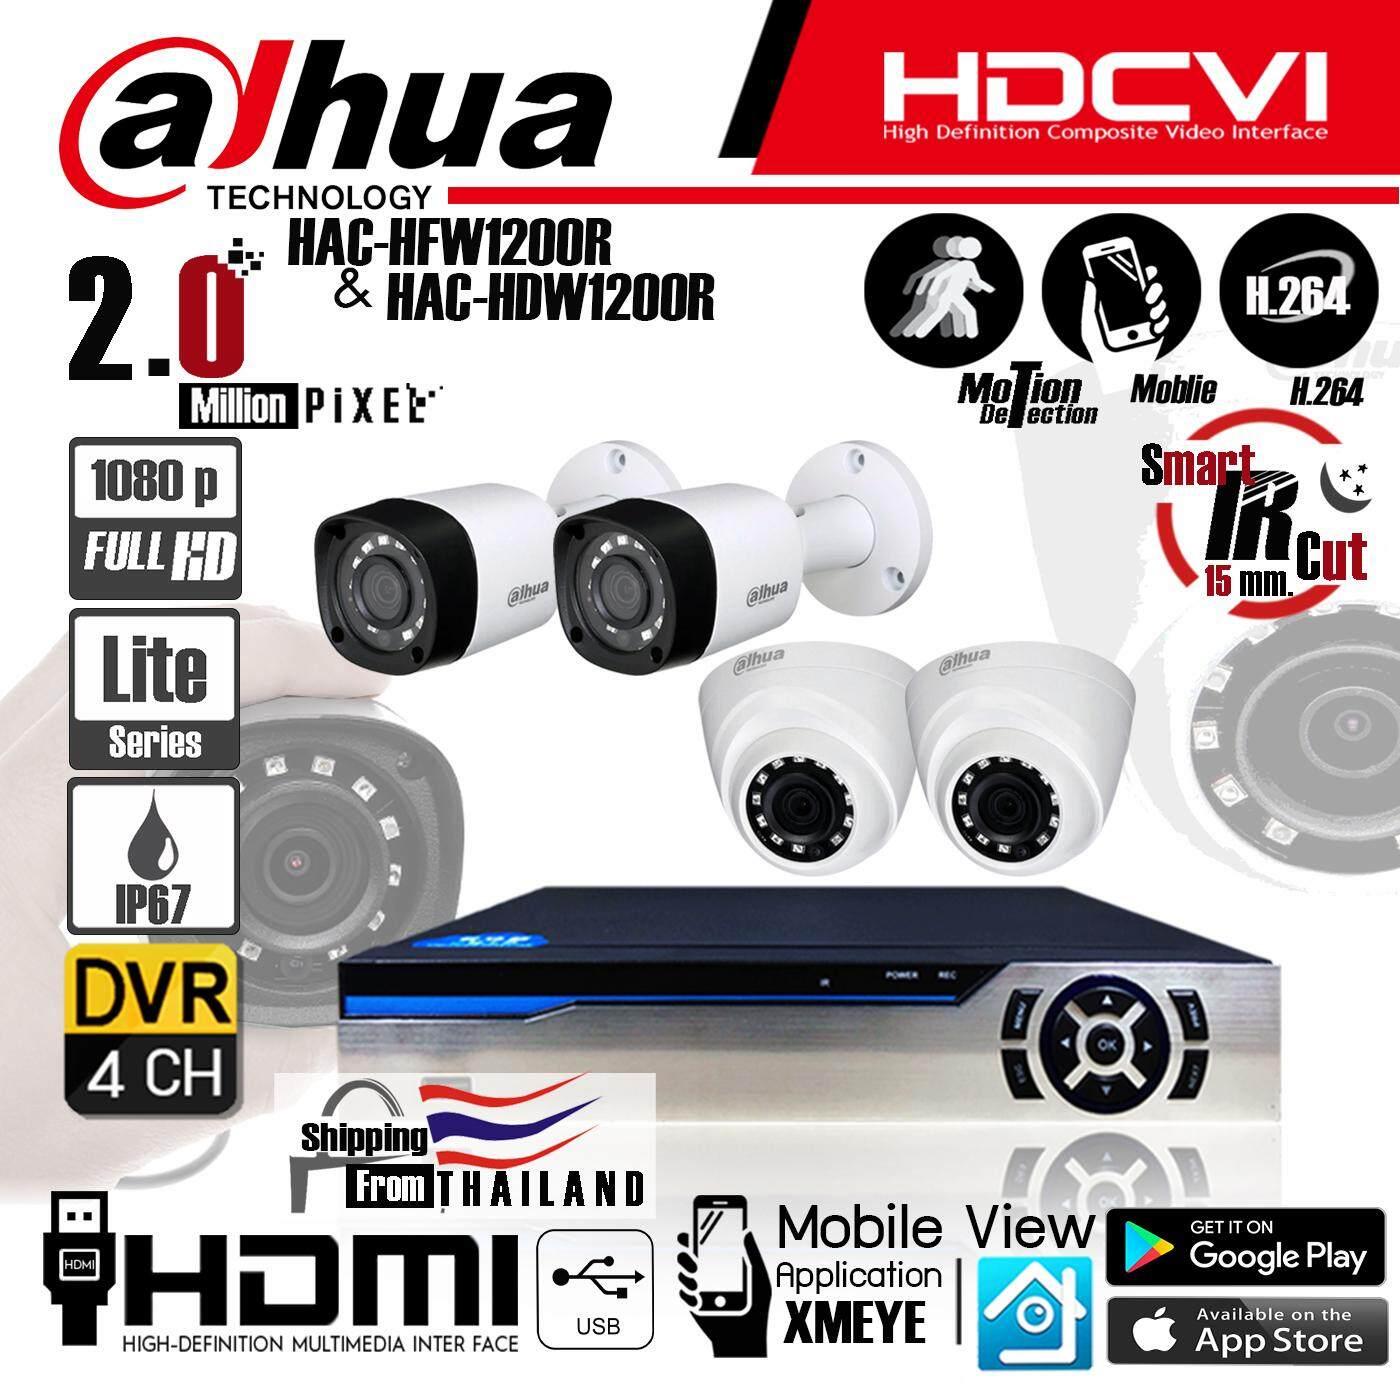 ดีที่สุด ชุดกล้องวงจรปิด Dahua CCTV 2.0mp Full HD 1080P ทรงกระบอกและโดม รุ่น HAC-HFW1200R + HAC-HDW1200R 4 ตัว พร้อมเครื่องบันทึก Dius ( DTR-AFS1080B04BN ) 4 Channel Full HD 1080P รองรับ 6 ระบบในเครื่องเดียว AHD / CVI / TVI / XVI / IP / Analog ภาพชัดที่สุด